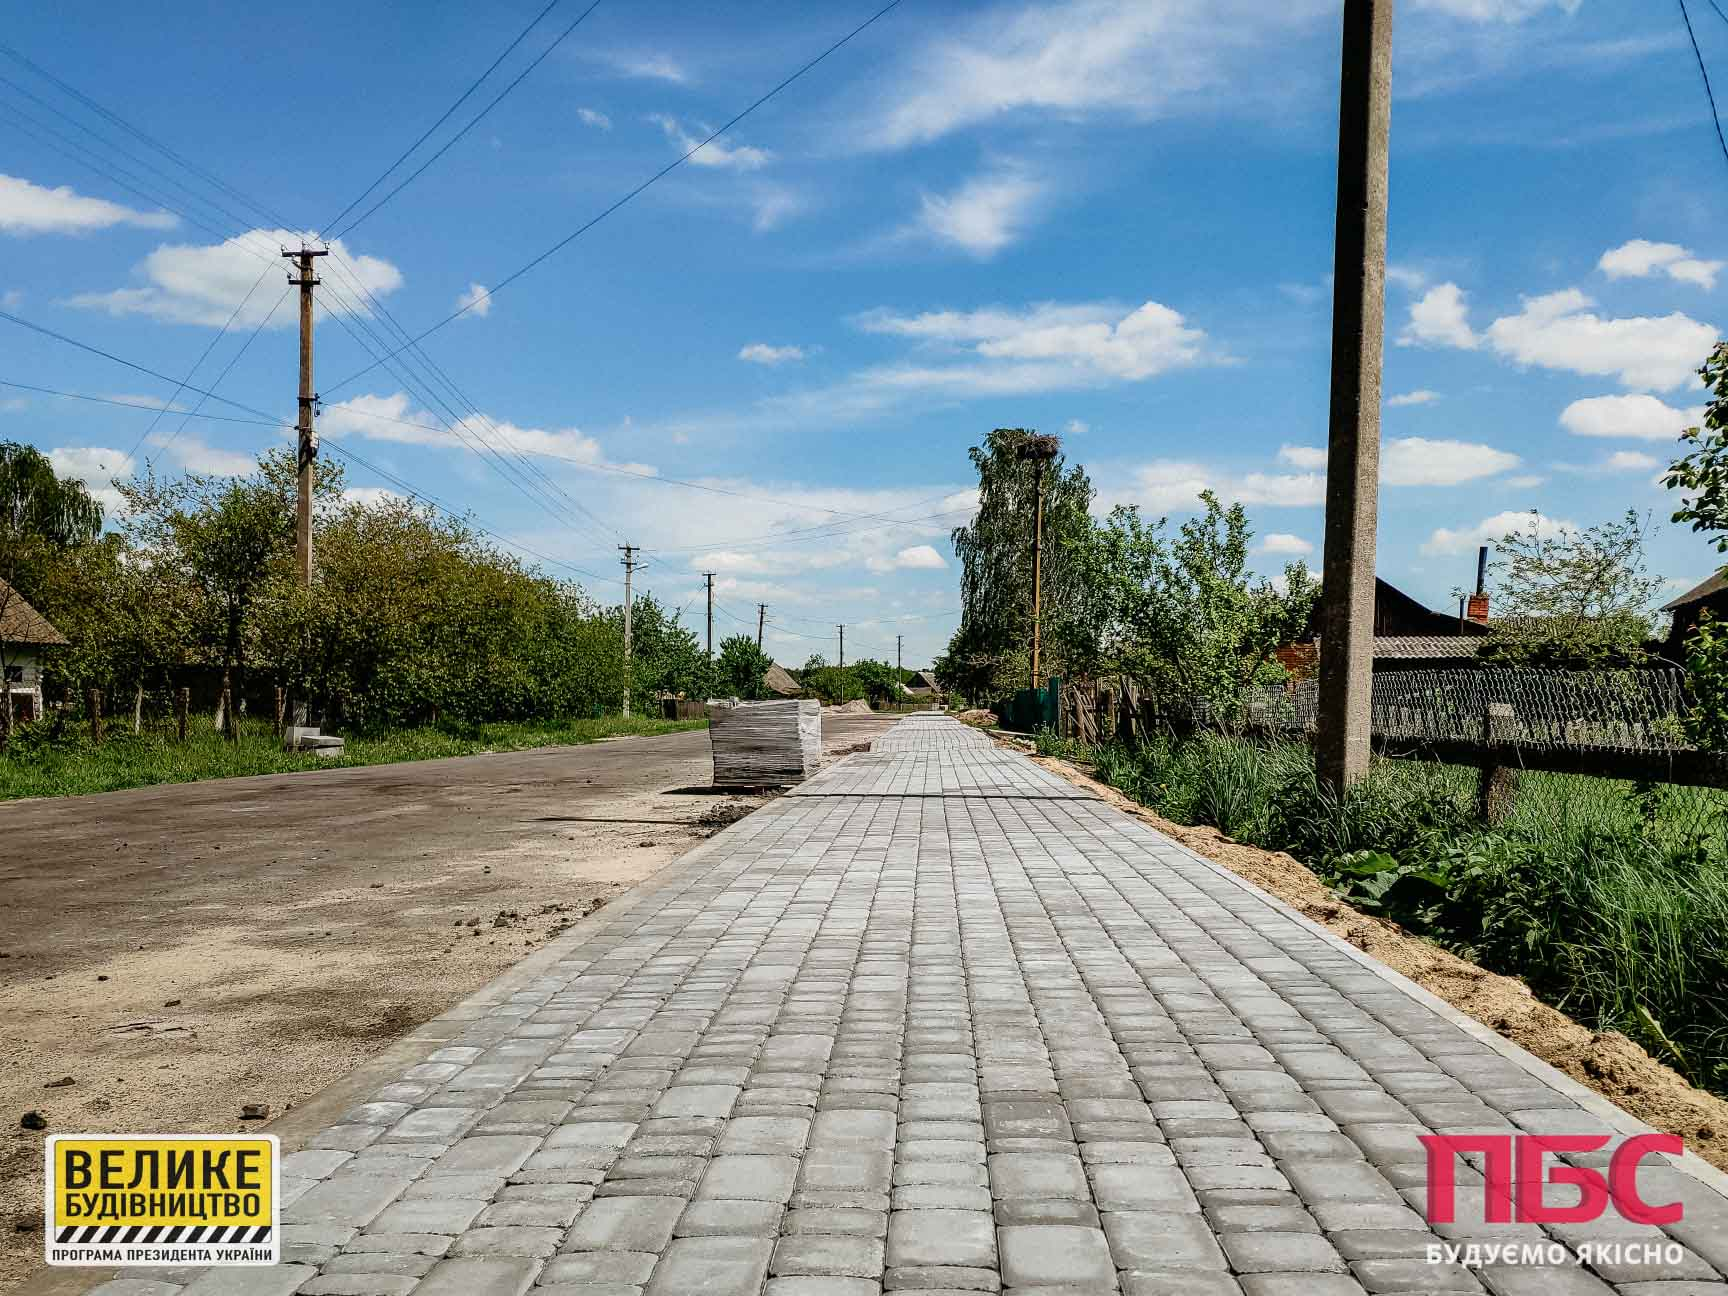 Пішохідні доріжки оновлюють у кількох населених пунктах області (ФОТО)